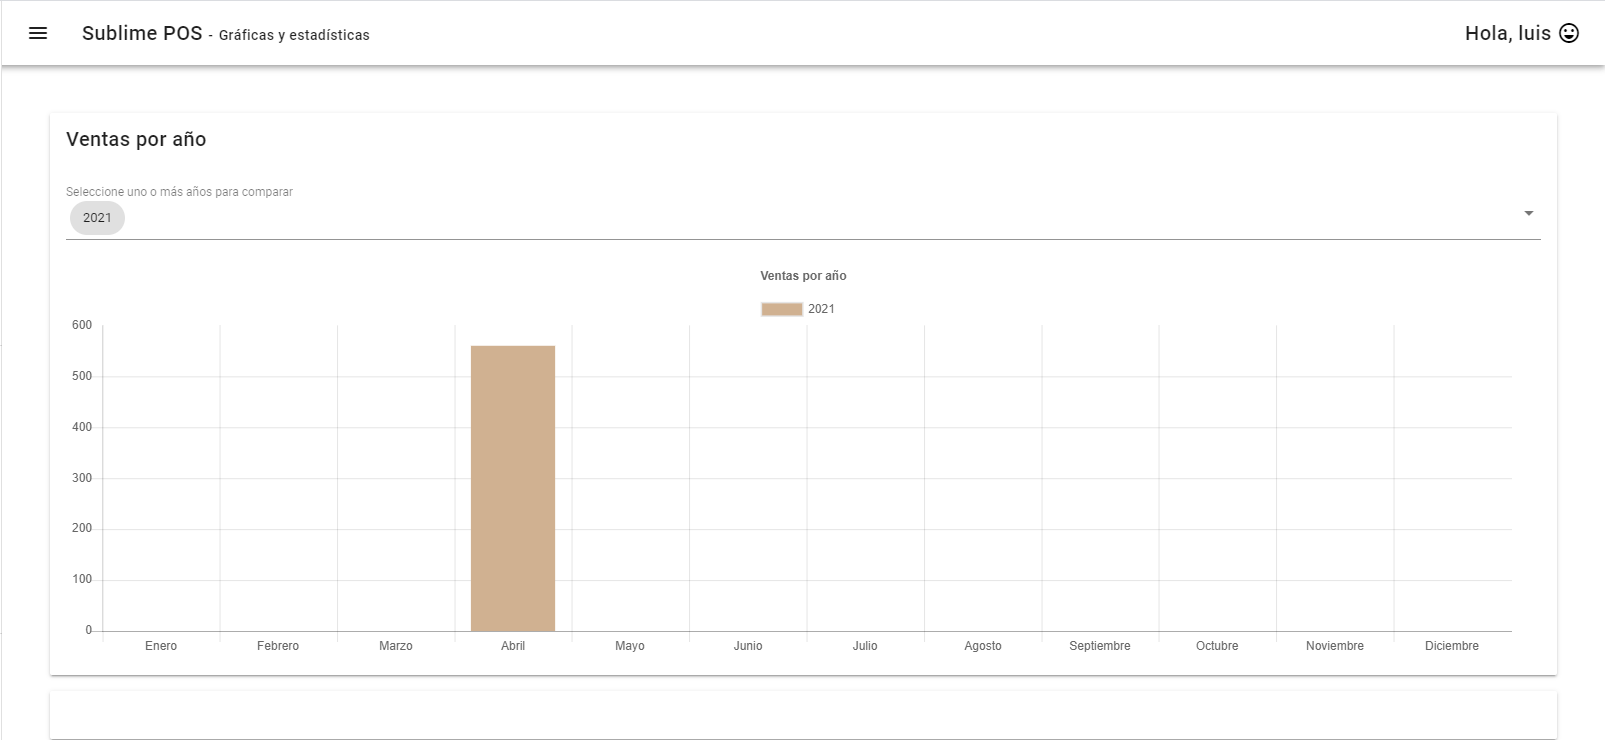 Gráficas y estadísticas por año y mes